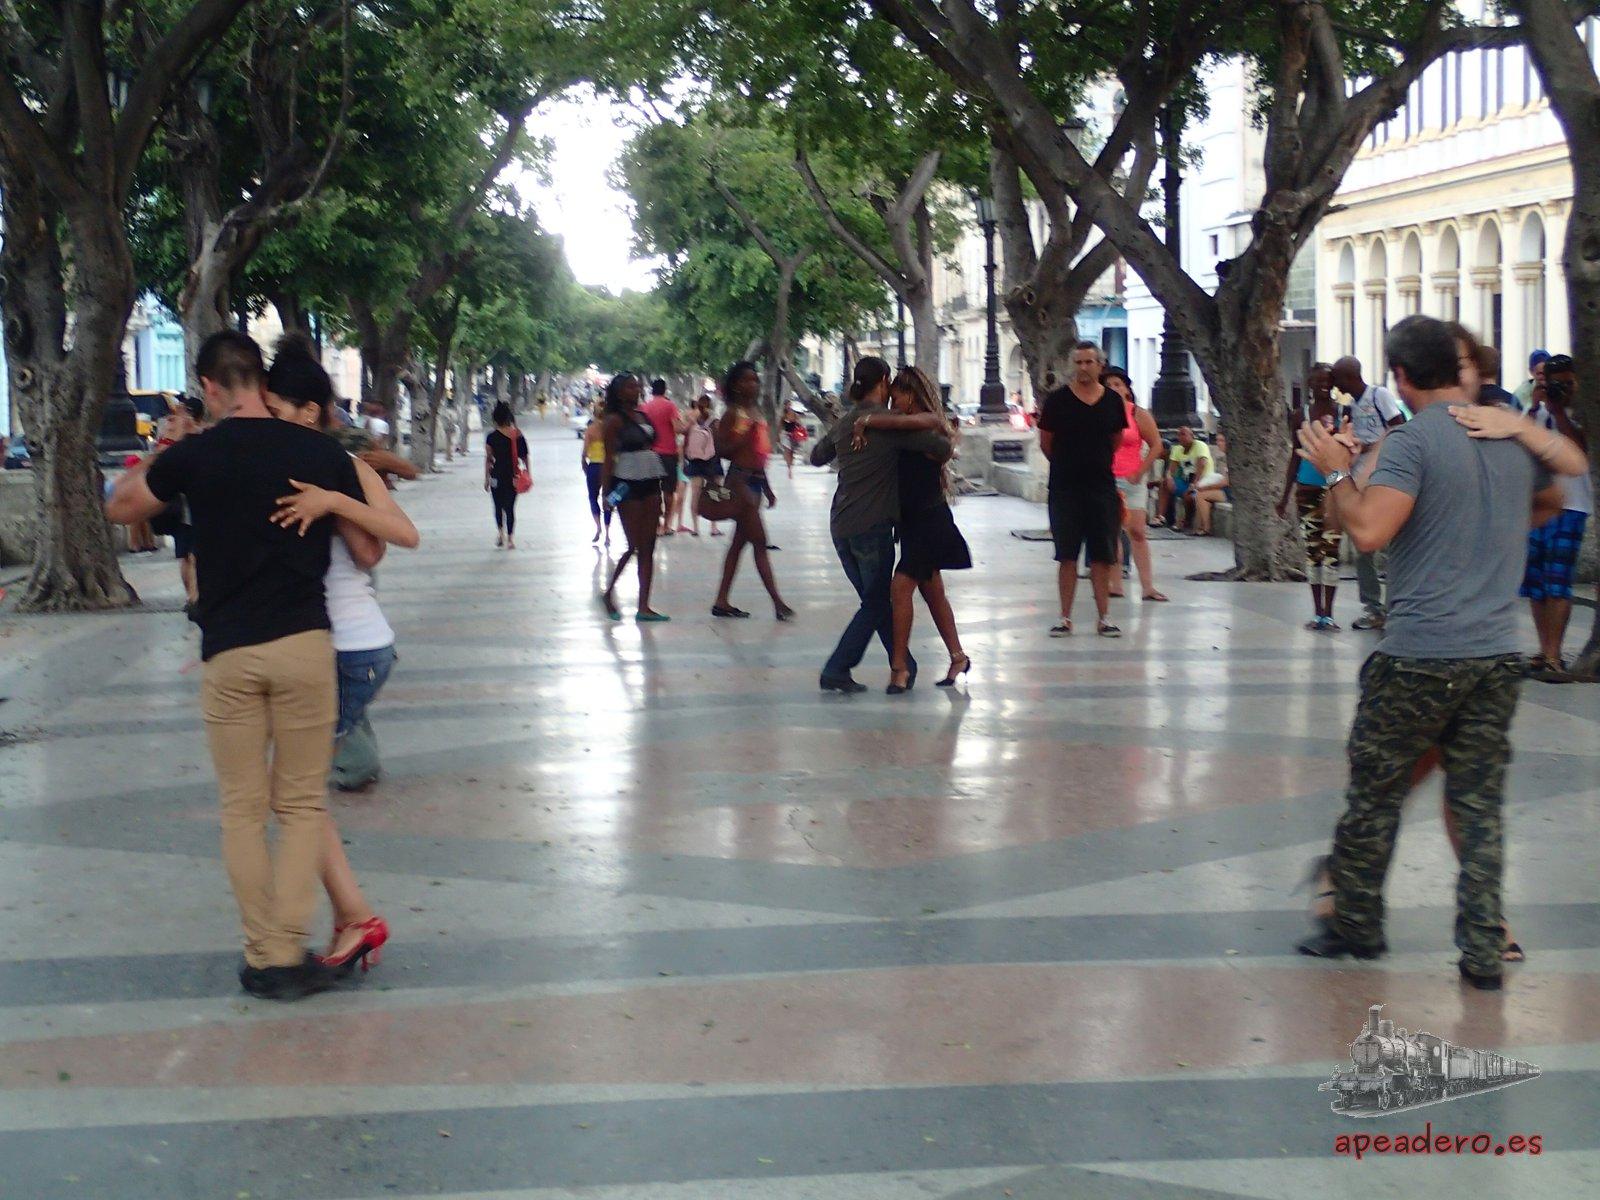 En el paseo del Prado los domingos se pueden encontrar todo tipo de manifestaciones artísticas... si no llueve, claro.